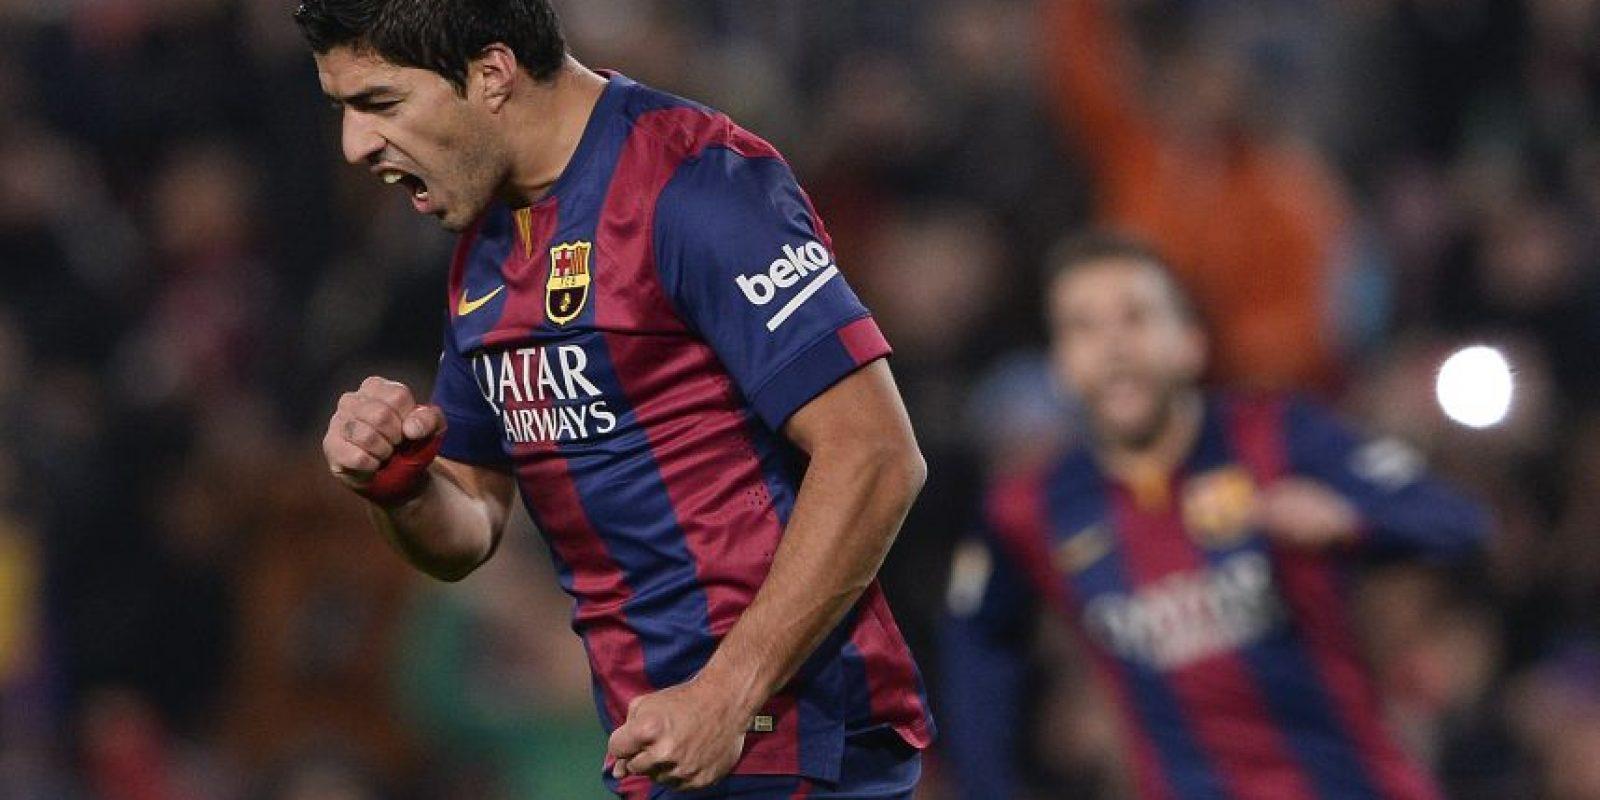 El Barcelona se tomó un respiro luego de una semana agitada y superó a su rival en el Camp Nou. Foto:AFP